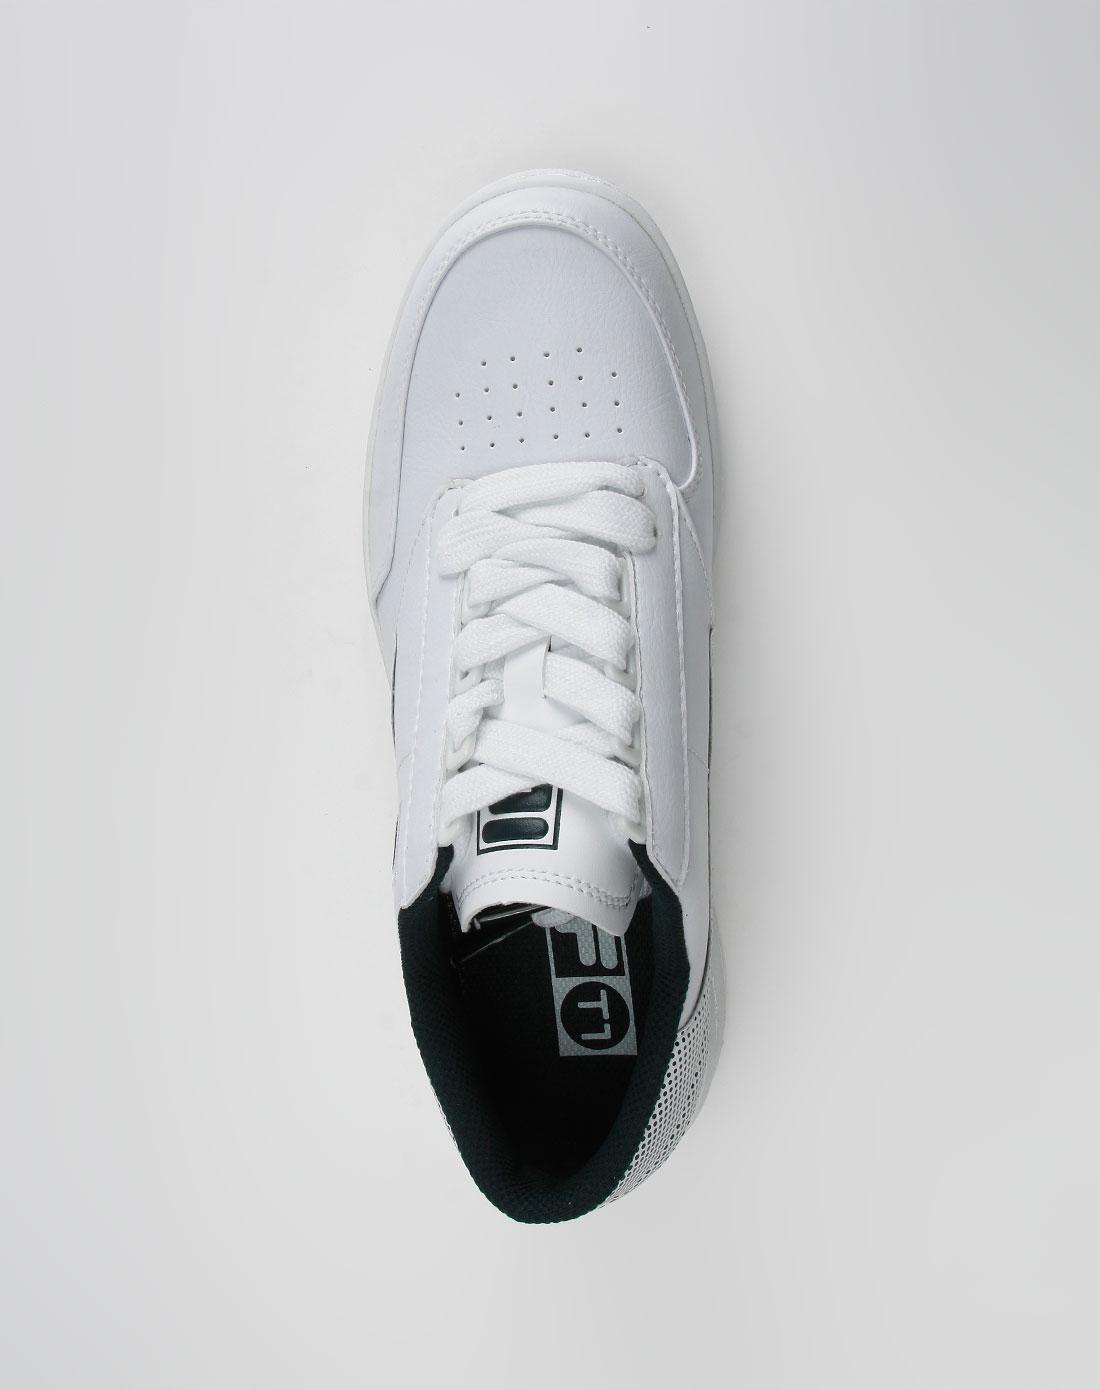 斐乐fila-白色潮流时尚板鞋